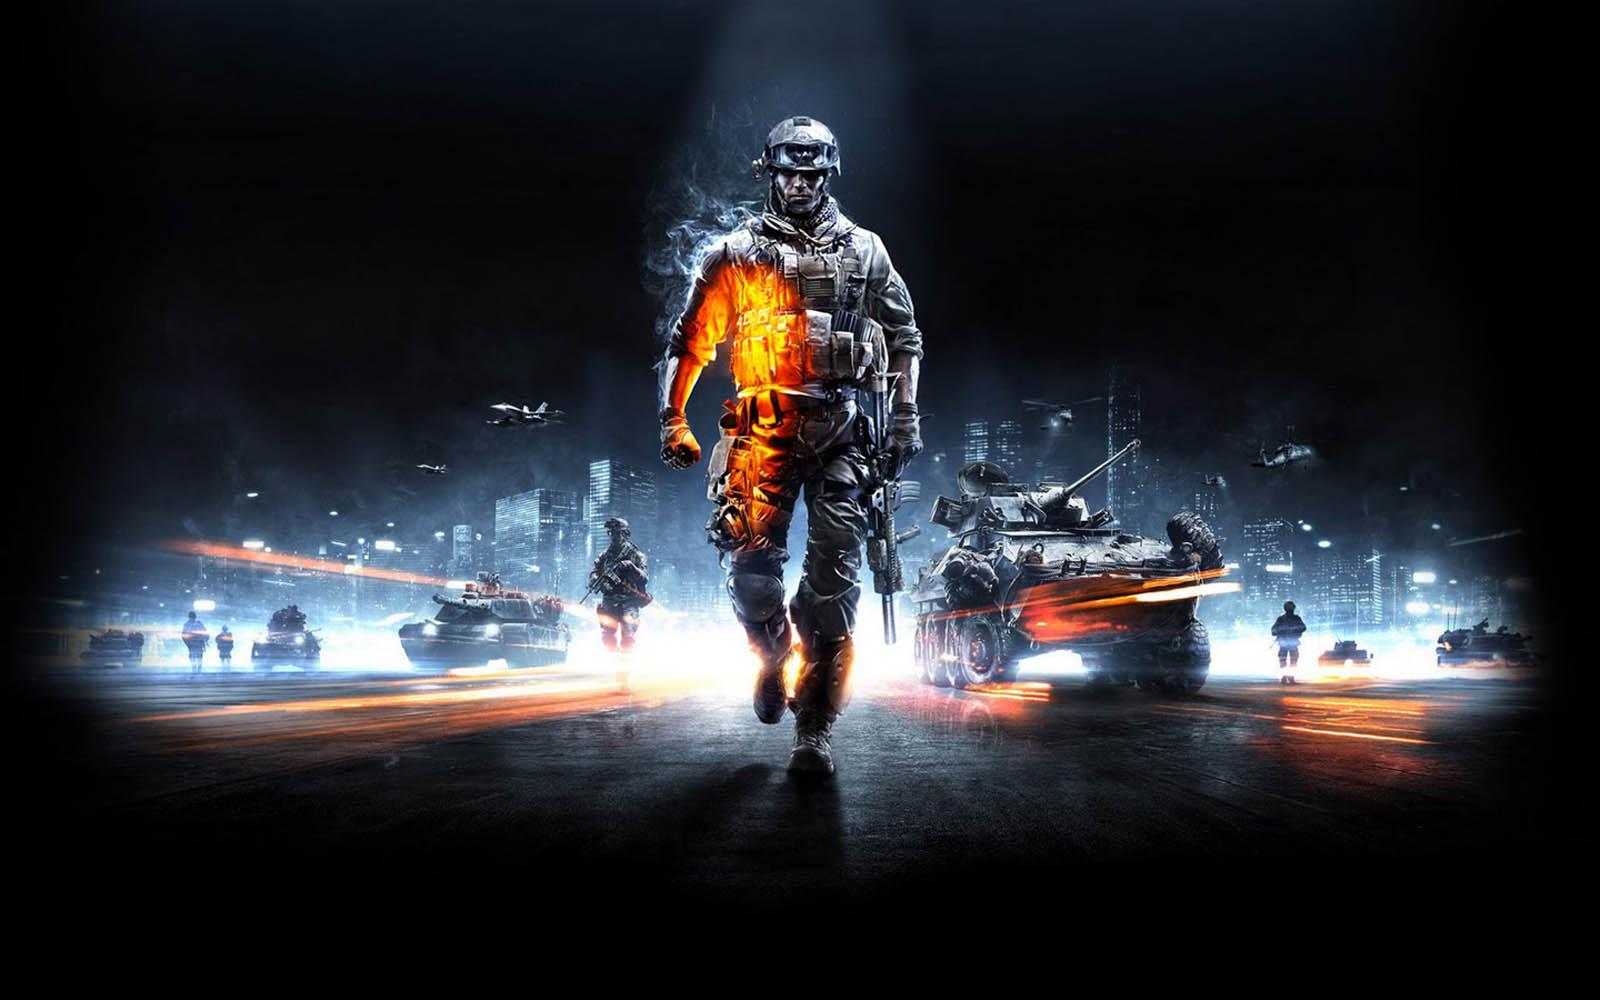 Video game desktop wallpaper wallpapersafari - Gaming wallpaper ...